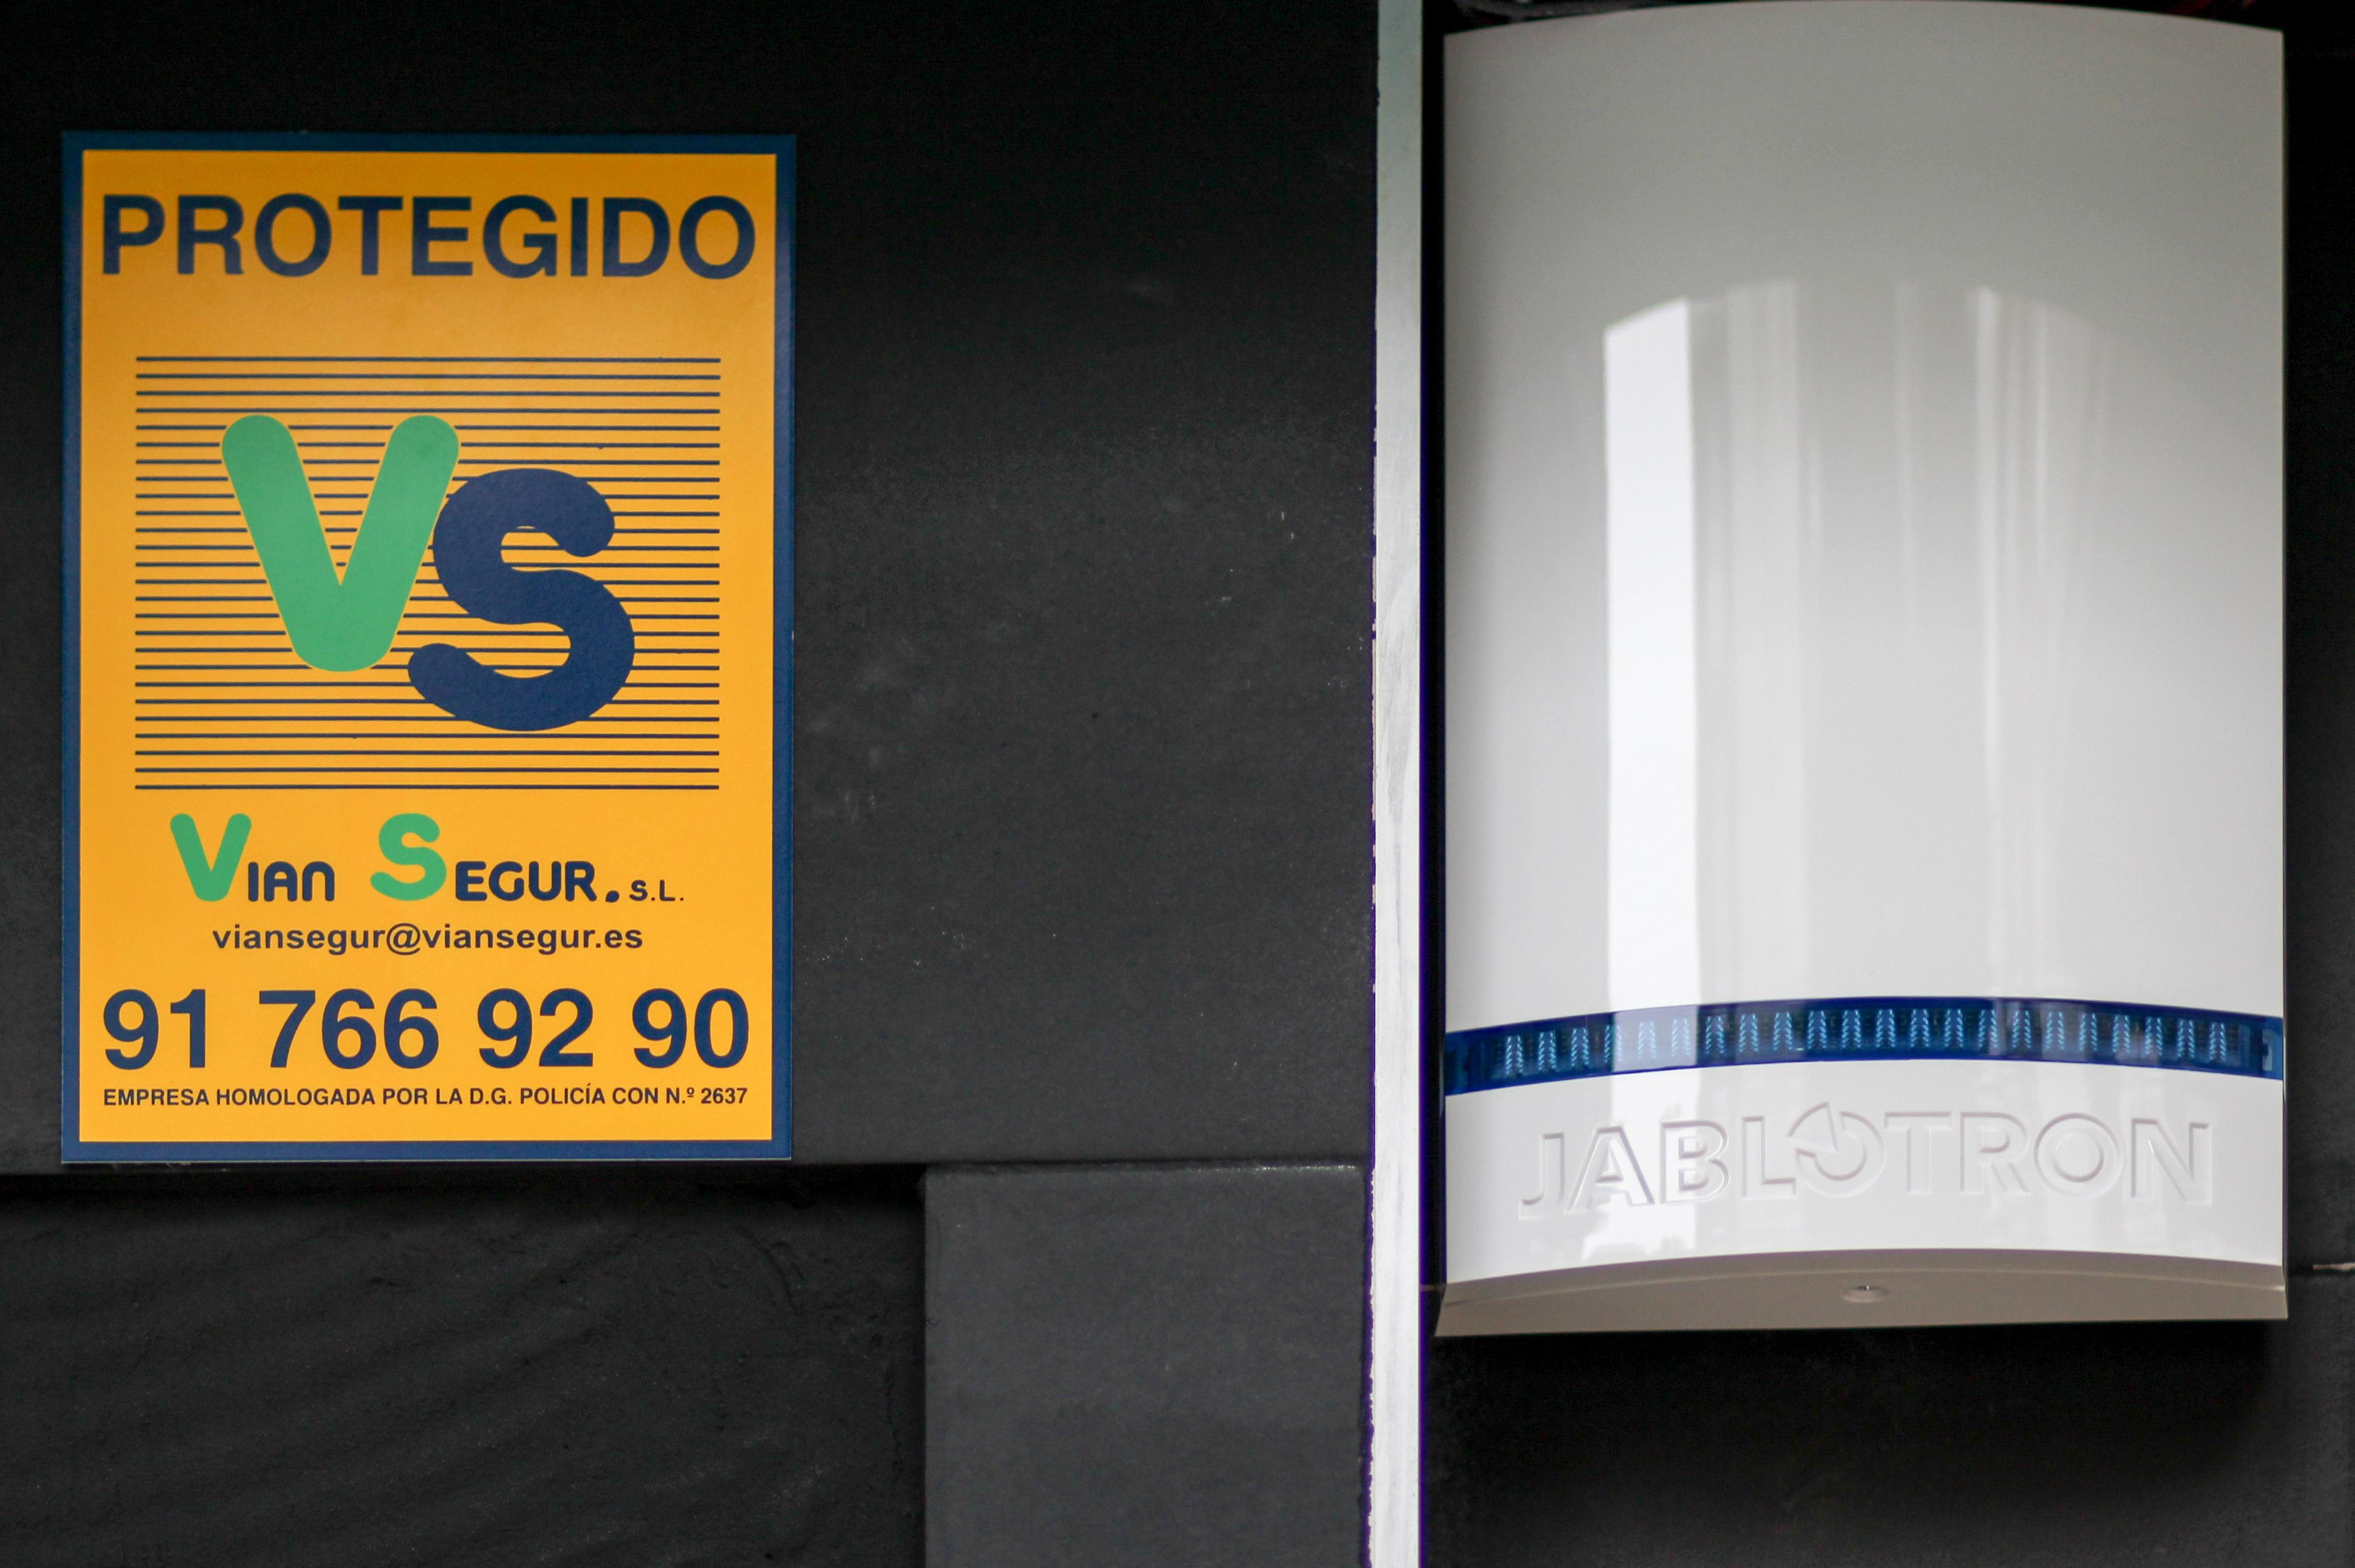 Sirena Exterior y cartel Vian Segur.